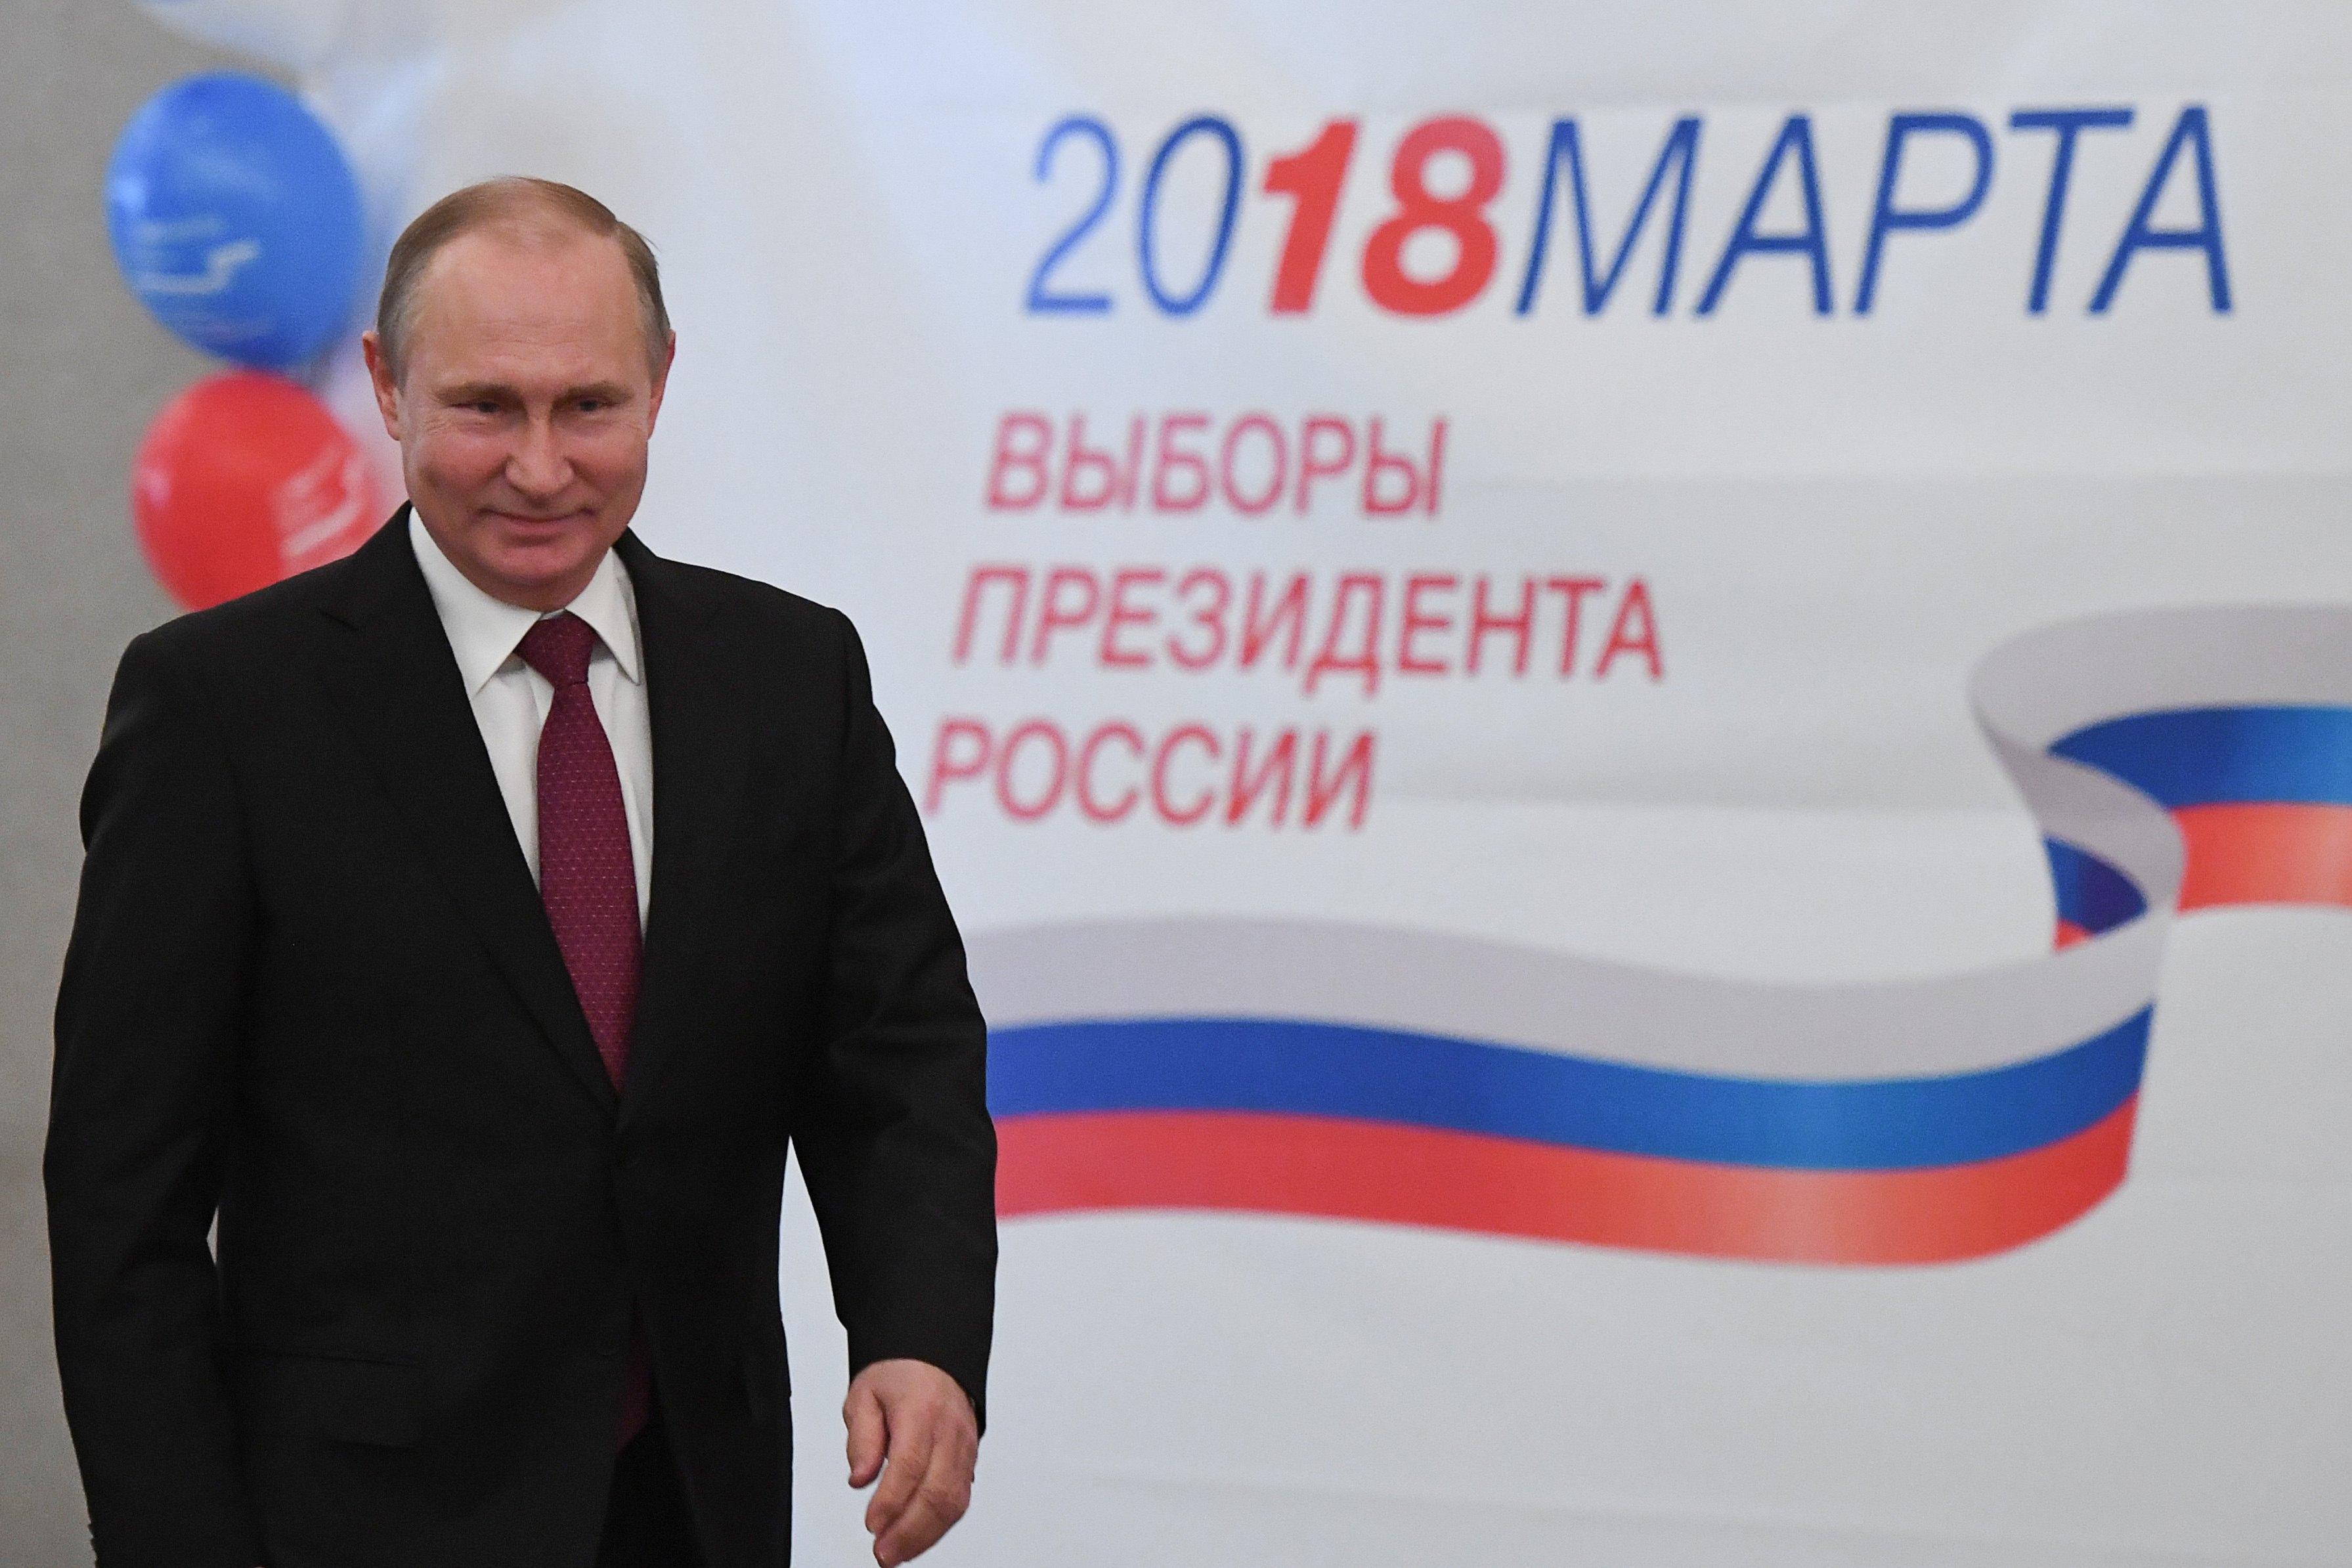 Rusija uskraćuje gostoprimstvo jednom hrvatskom diplomatu